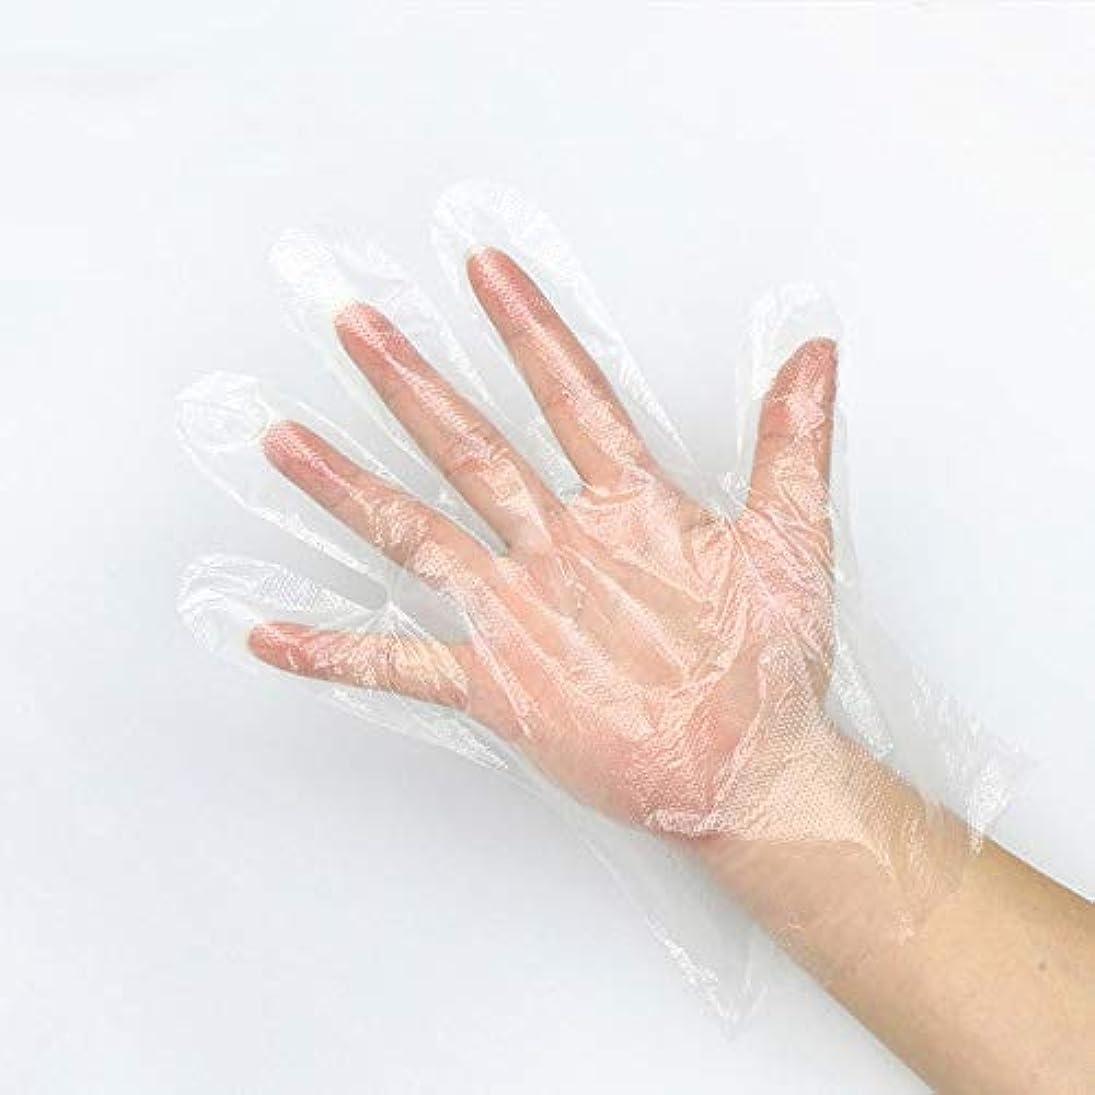 パラメータ孤独な用語集使い捨てのPEフィルム透明手袋1000のみ - 食品加工美容室キッチン調理健康診断用 YANW (色 : A, サイズ さいず : 0.9G)